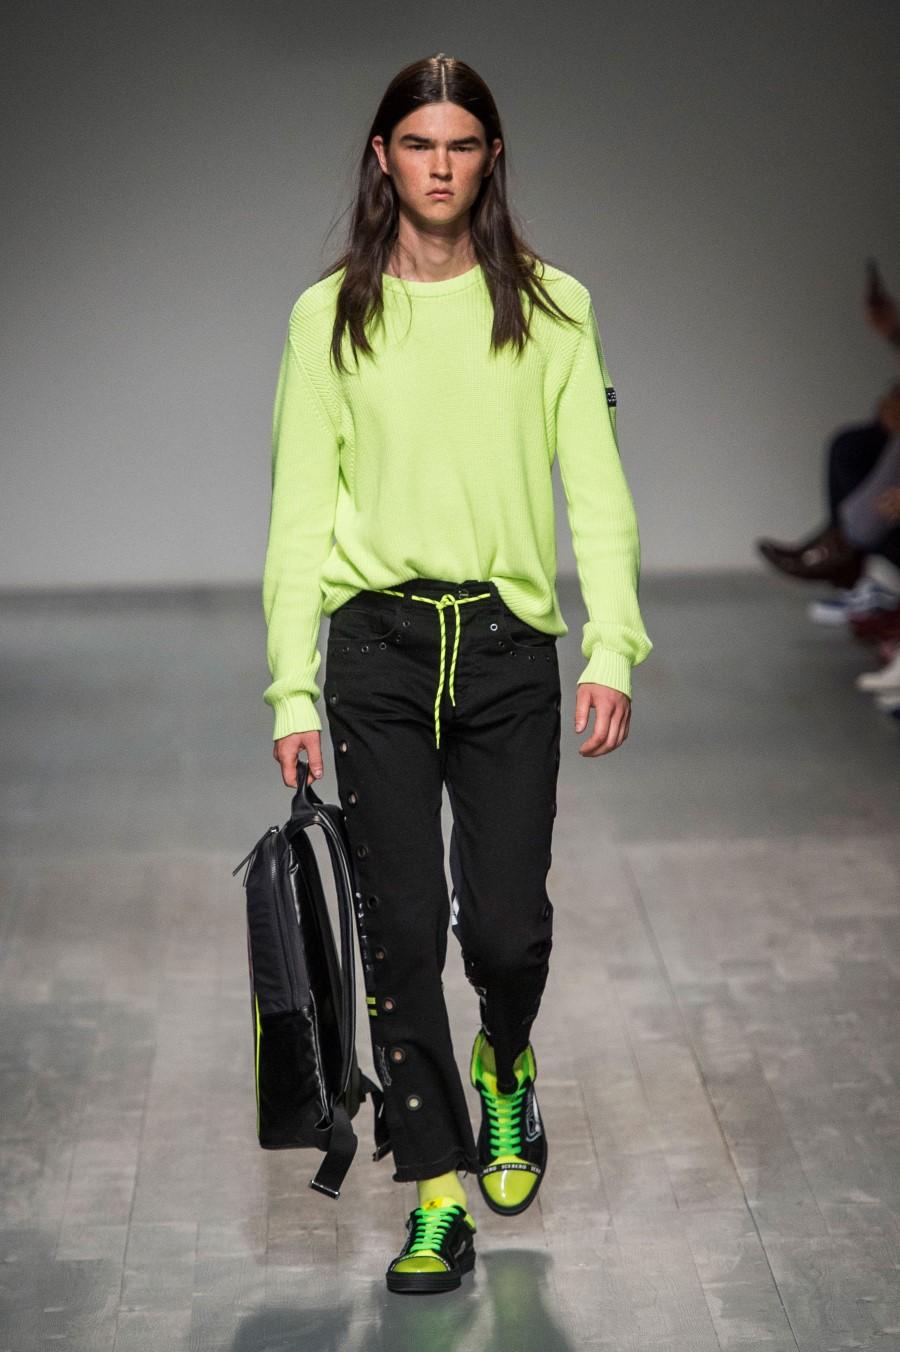 Iceberg Printemps/Été 2019 - London Fashion Week Men's